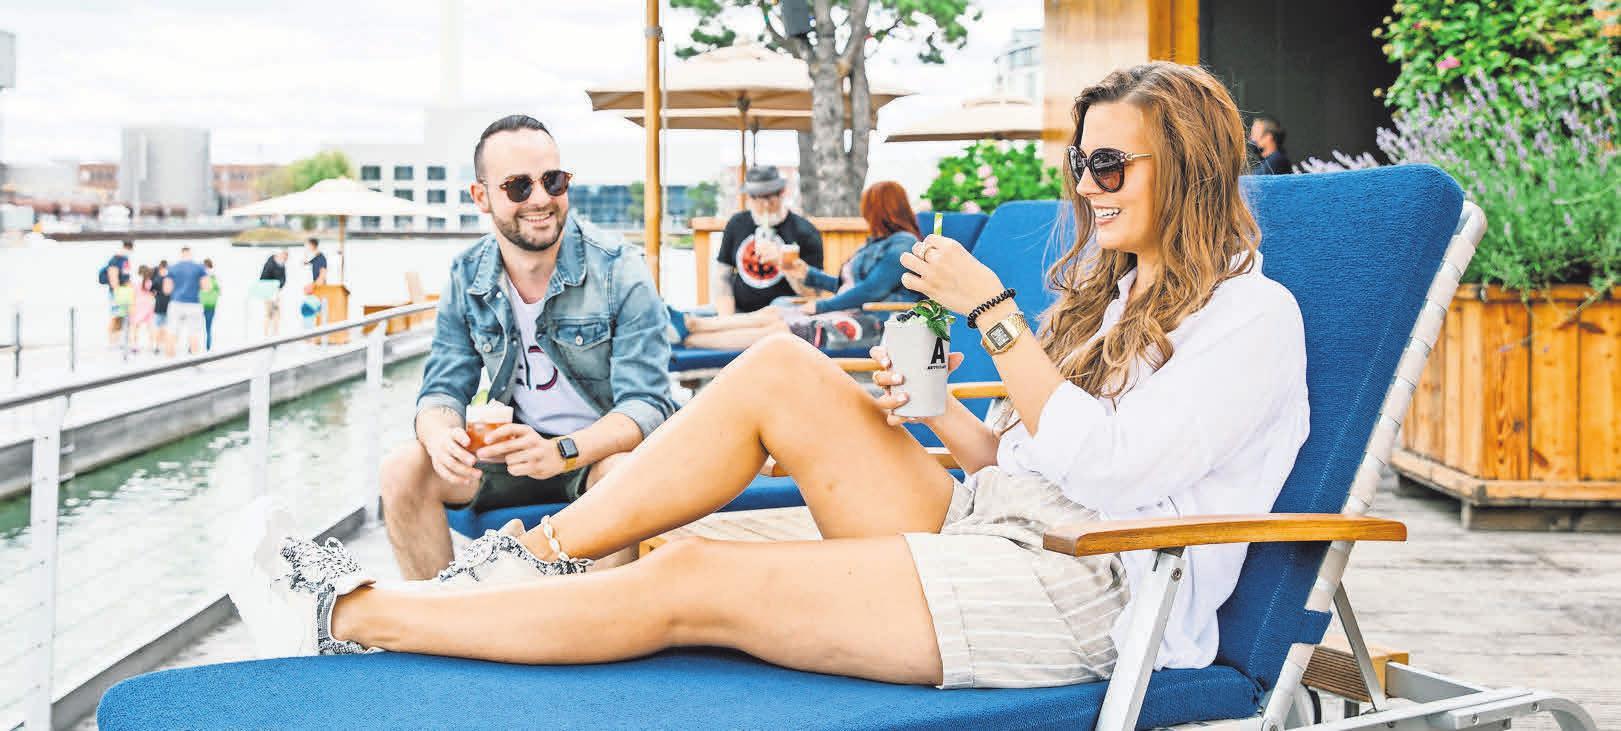 """Urlaubsfeeling garantiert: Auf """"Cool Summer Island"""" mit leckeren Cocktails und Loungemusik. Fotos: Anja Weber"""